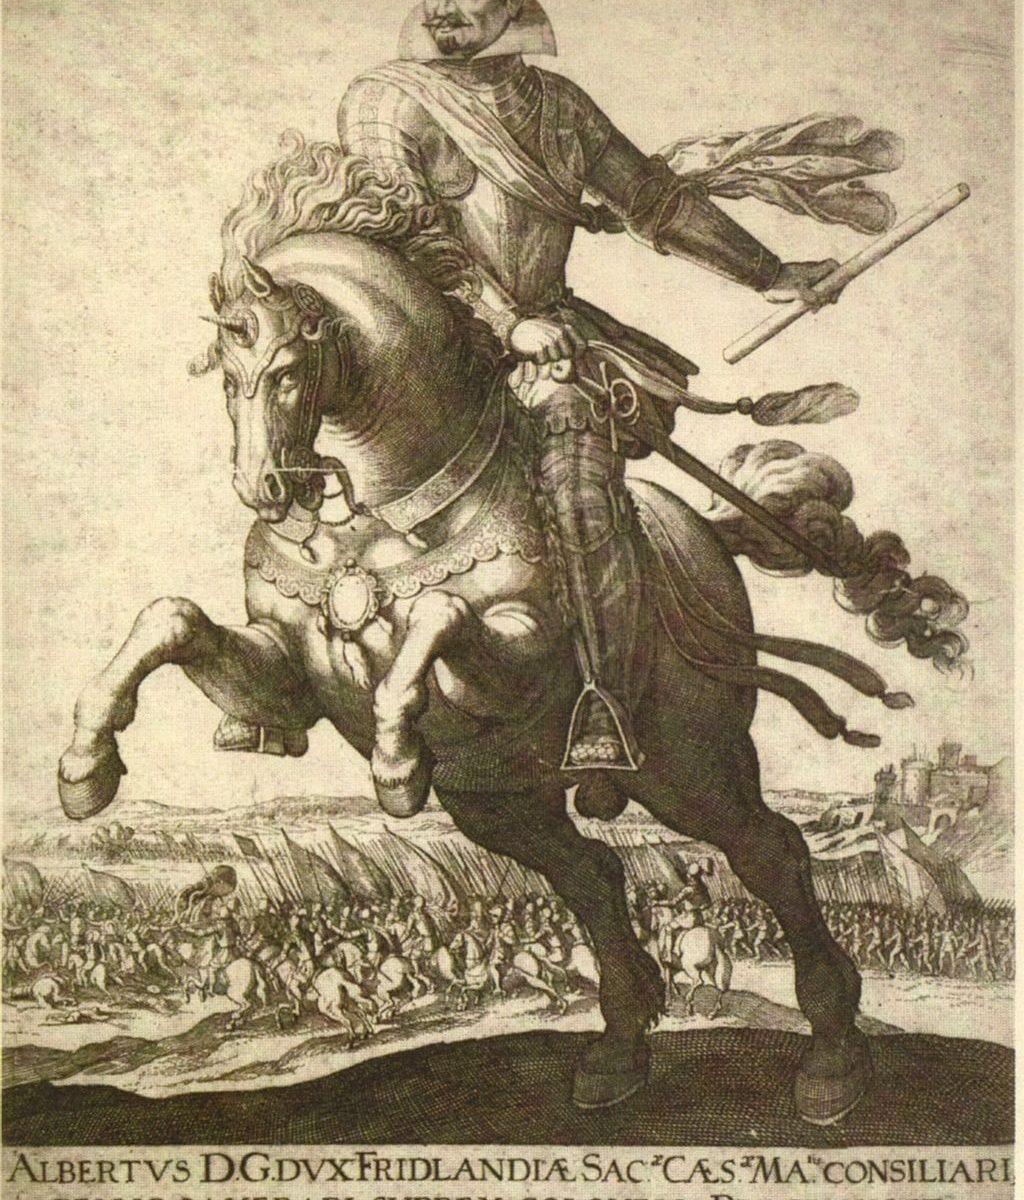 Reiterbild Wallensteins, Kupferstich ohne Jahresangabe. Plattengröße des Originals 35, 3 x 26,6 cm Inschrift (nach Auflösung der Abkürzungen): ALBERTUS DEI GRATIA DUX FRIDLANDIAE SACRAE CAESAREAE MAIESTATIS CONSILIARIUS BELLICUS, CAMERARIUS, SUPREMUS COLONELLUS PRAGENSIS ET EIUSDEM MILITIAE GENERALIS